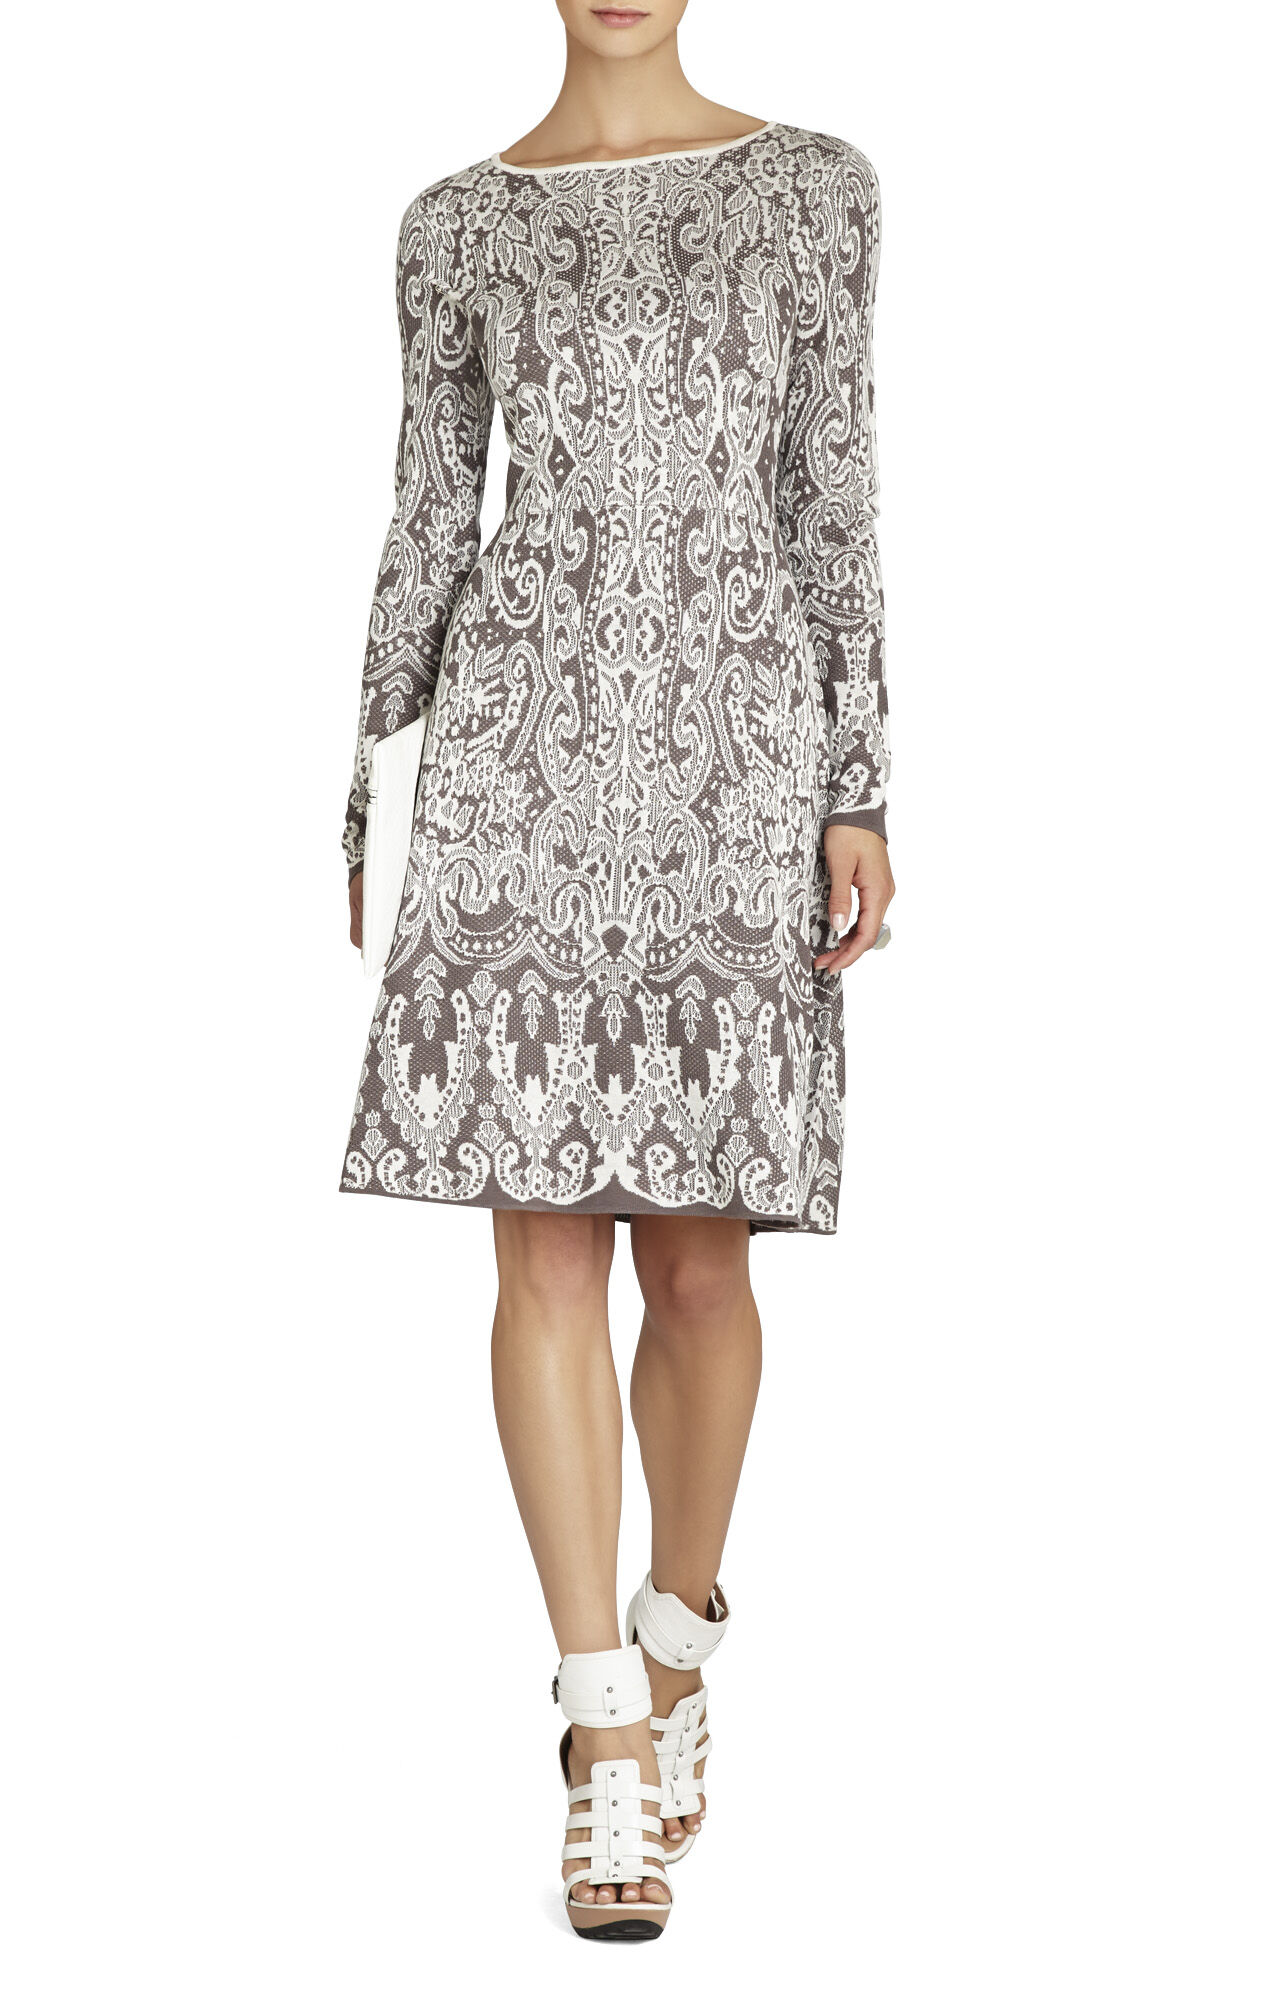 Petra Relief Jacquard Lace A-Line Dress